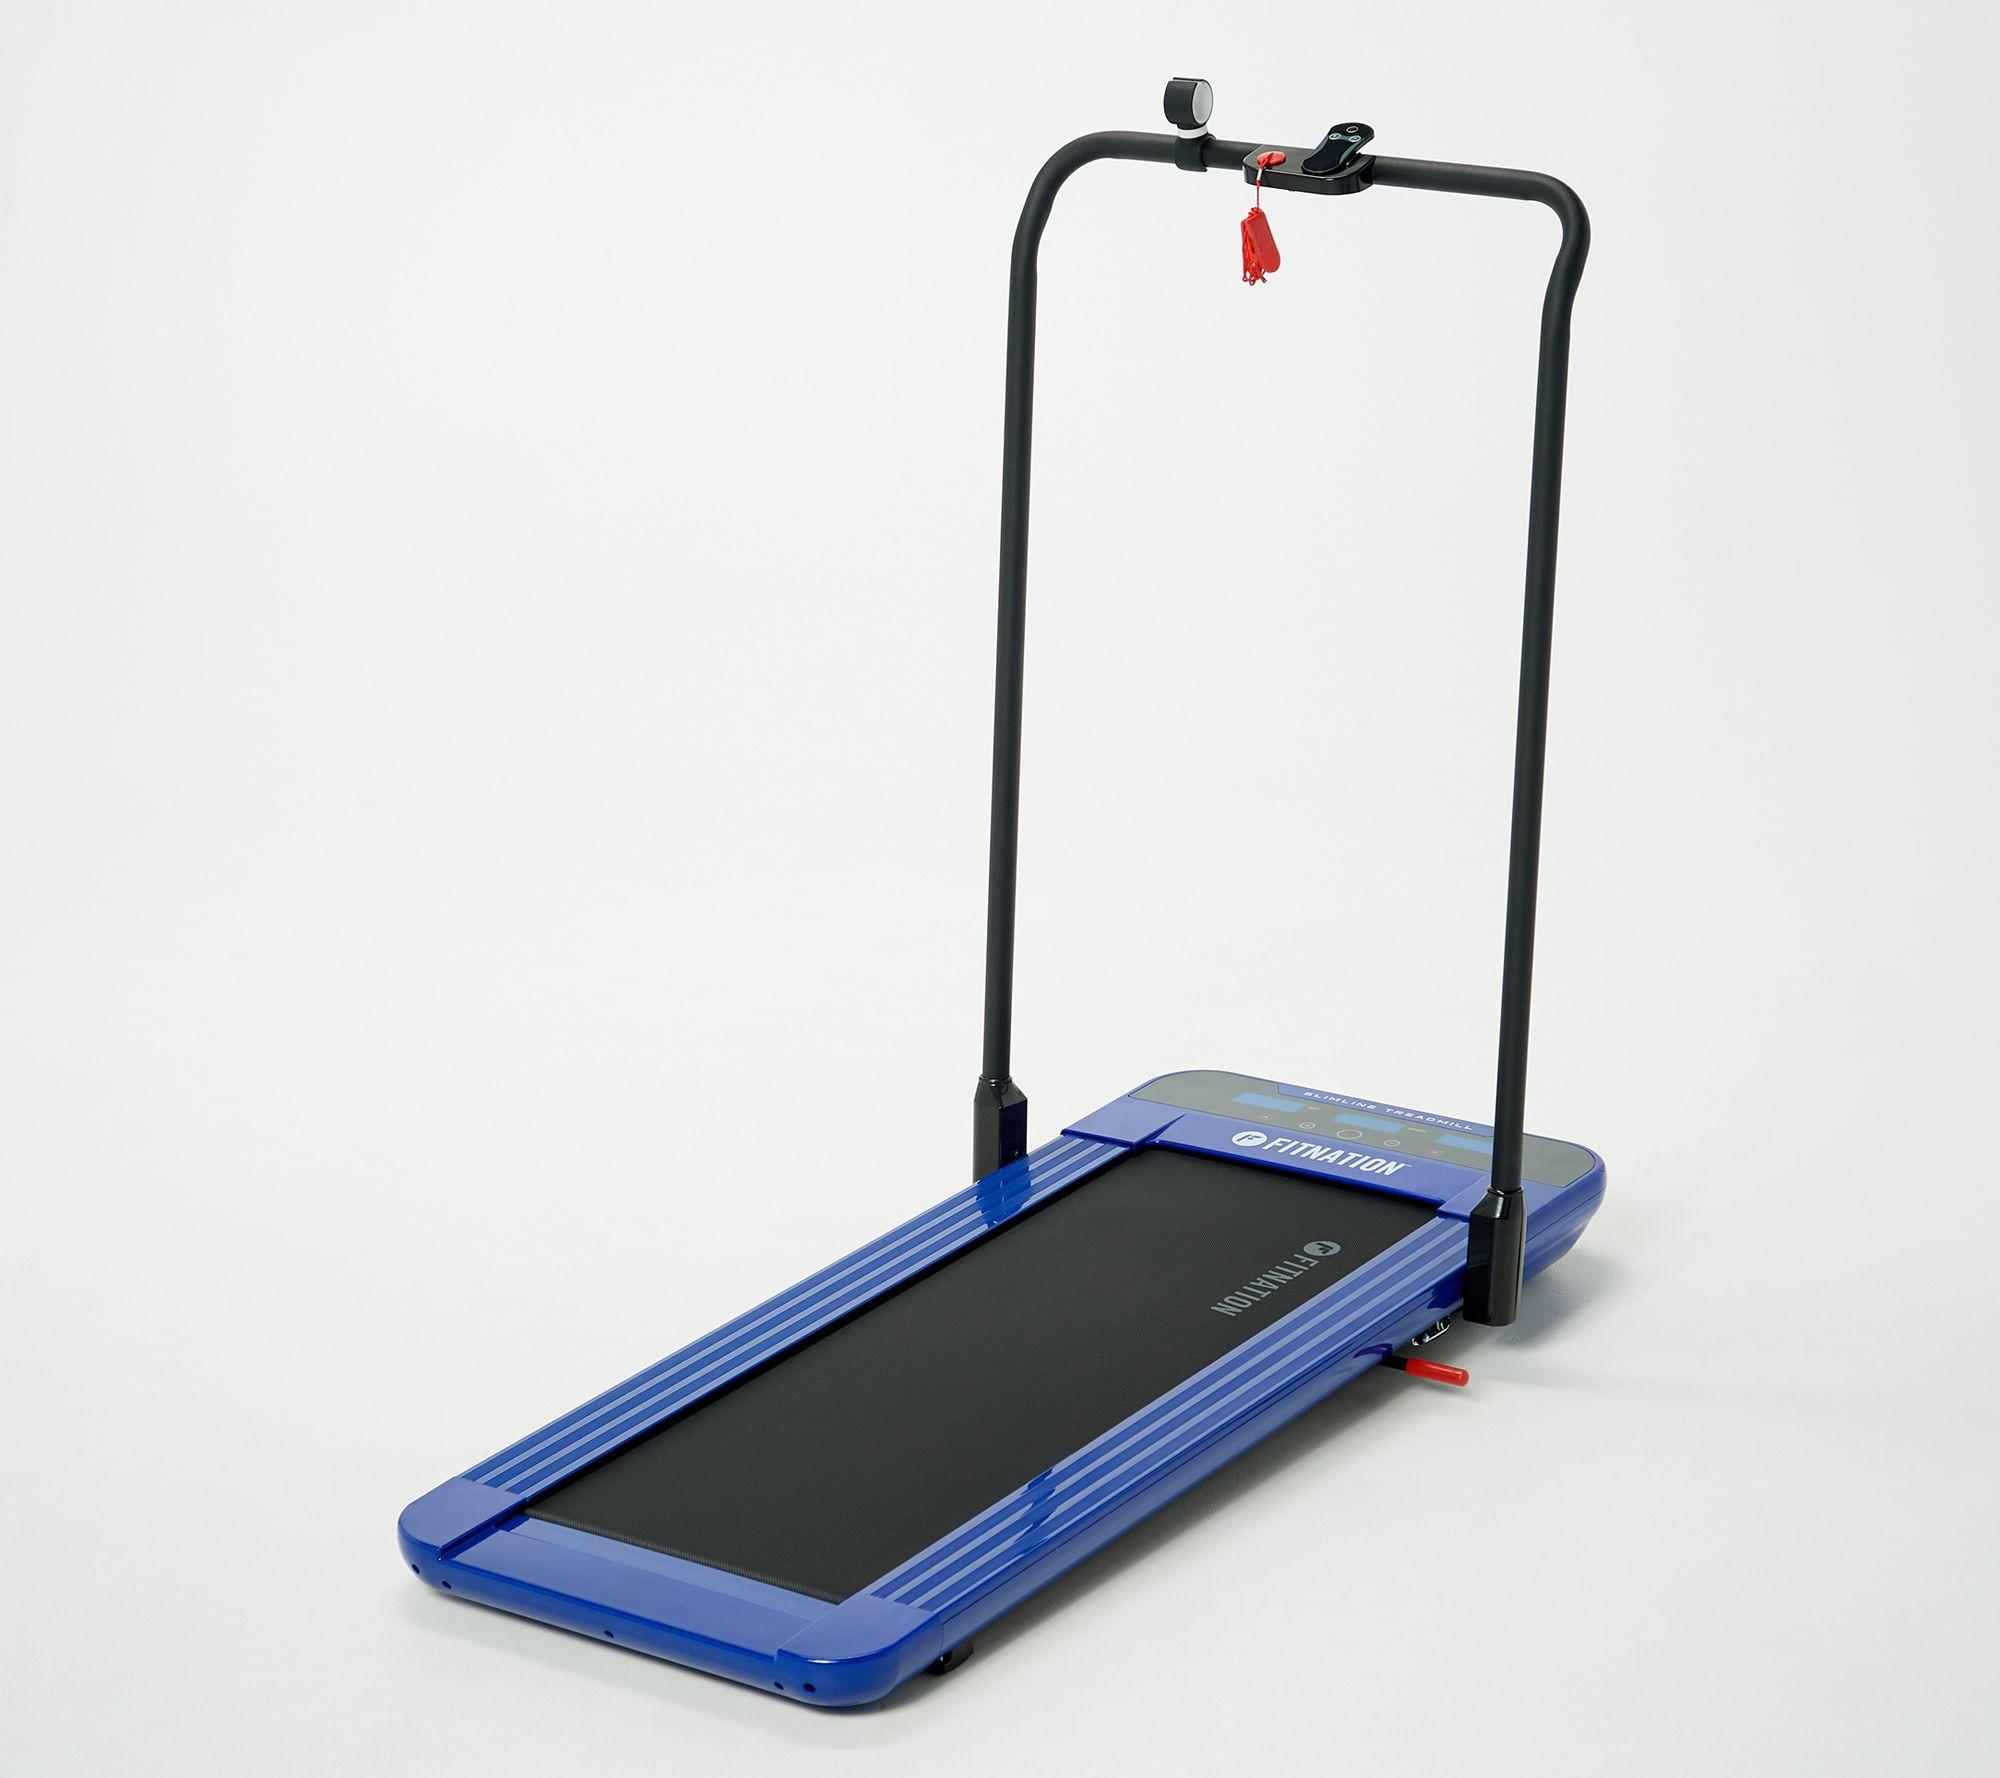 FITNATION Slimline Pro Walking Treadmill with App